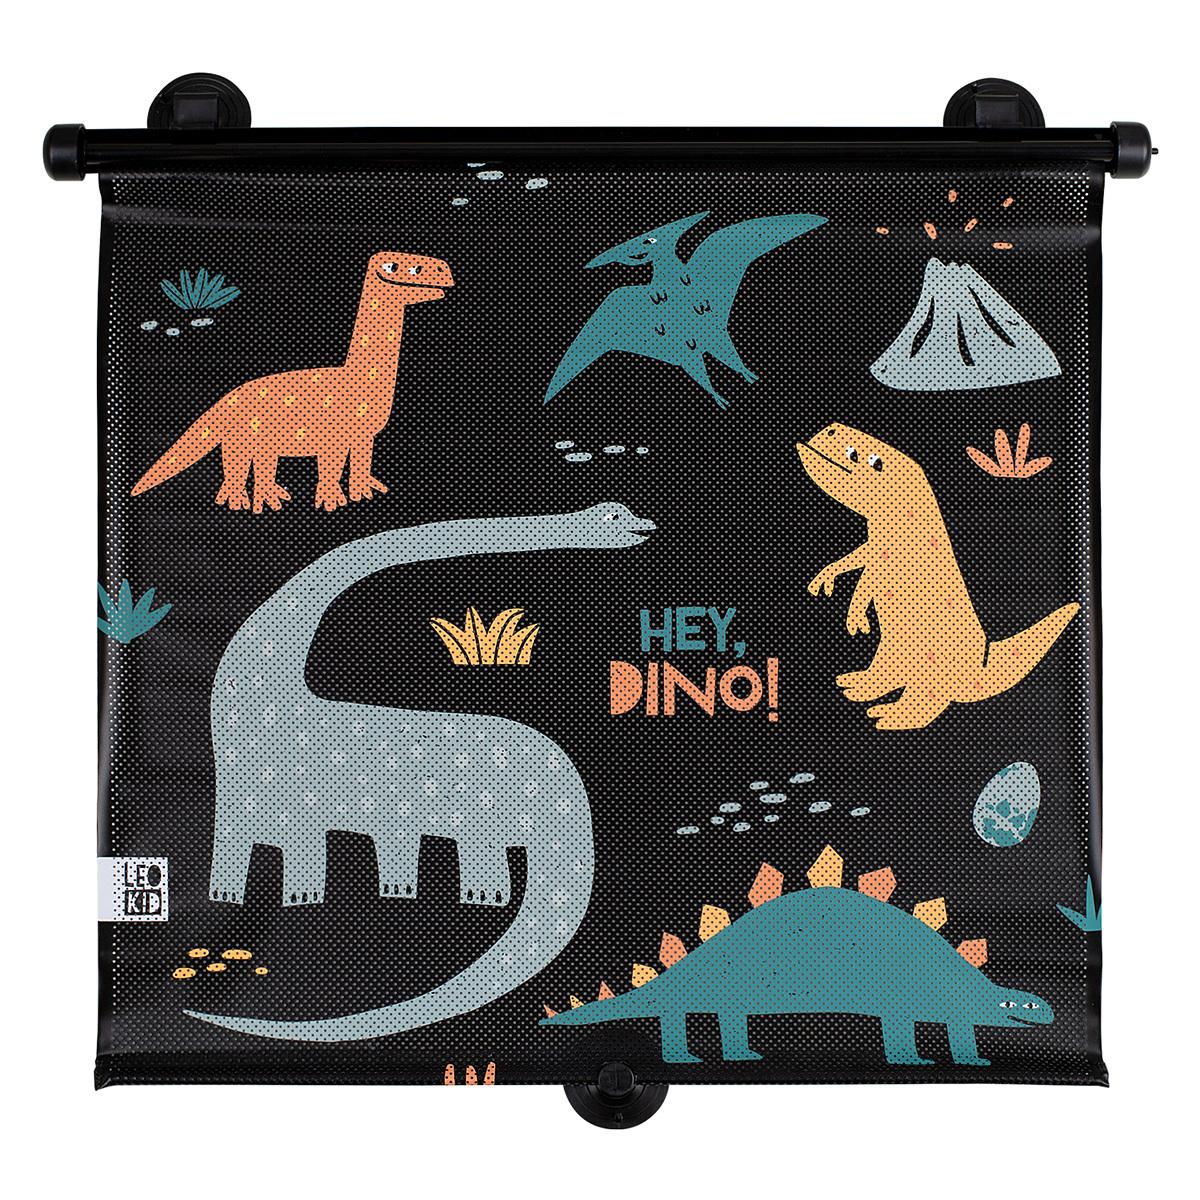 Pare-soleil Pare-soleil - Hey Dino Pare-soleil - Hey Dino